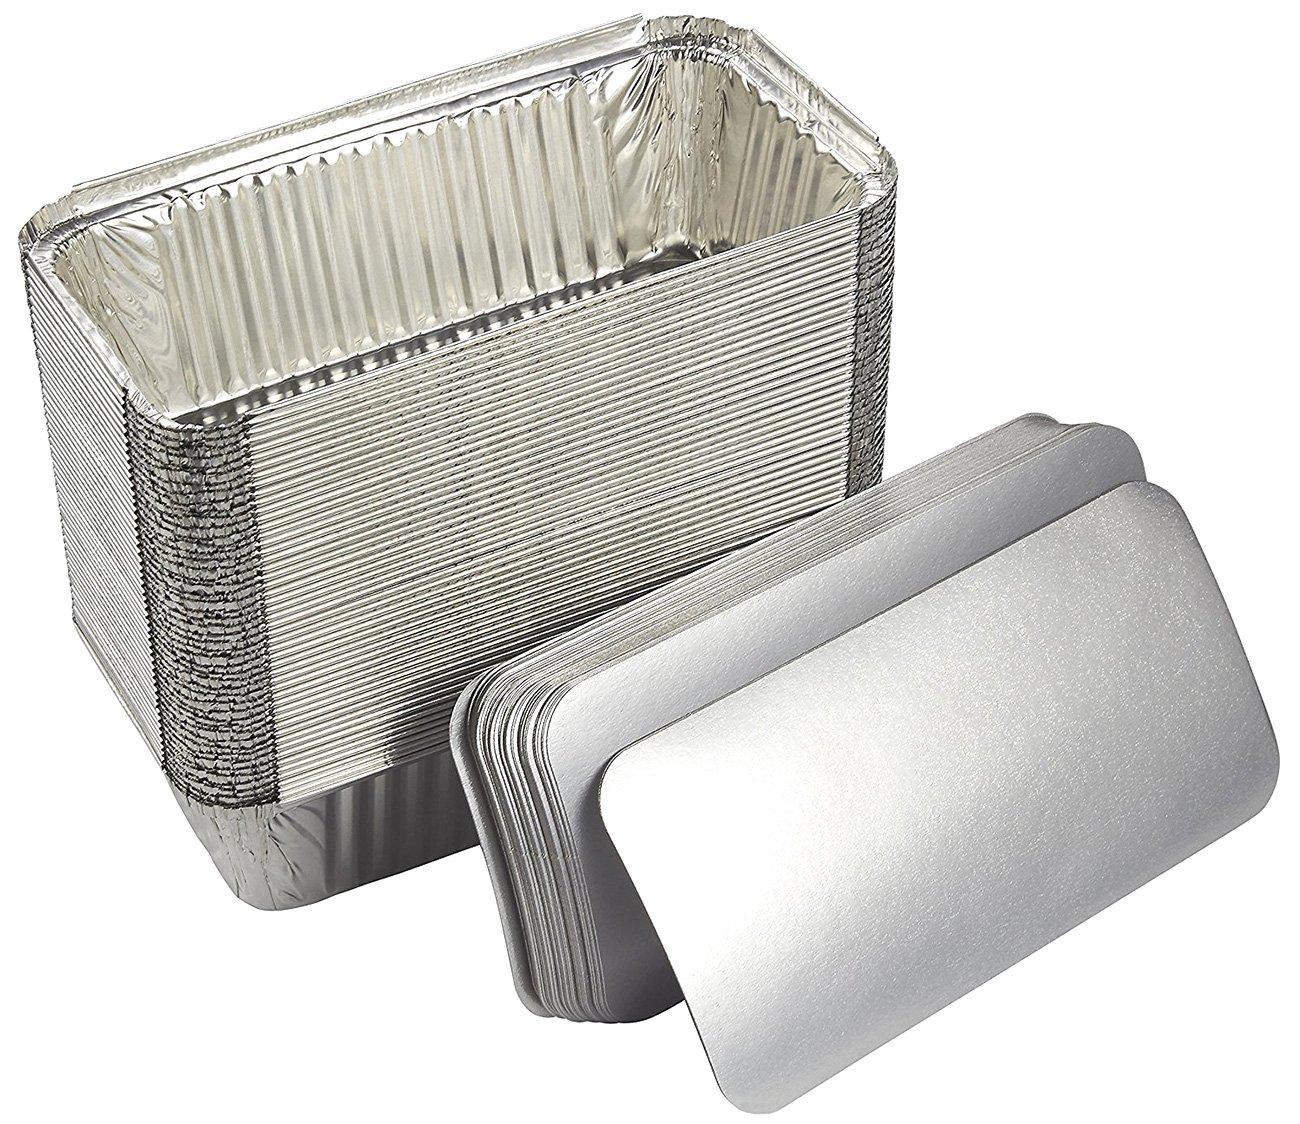 Papel de aluminio sartenes - juego de molde de profundidad tapas desechables de vapor Sartenes de mesa con soporte de junta para hornear, asar, broiling, ...